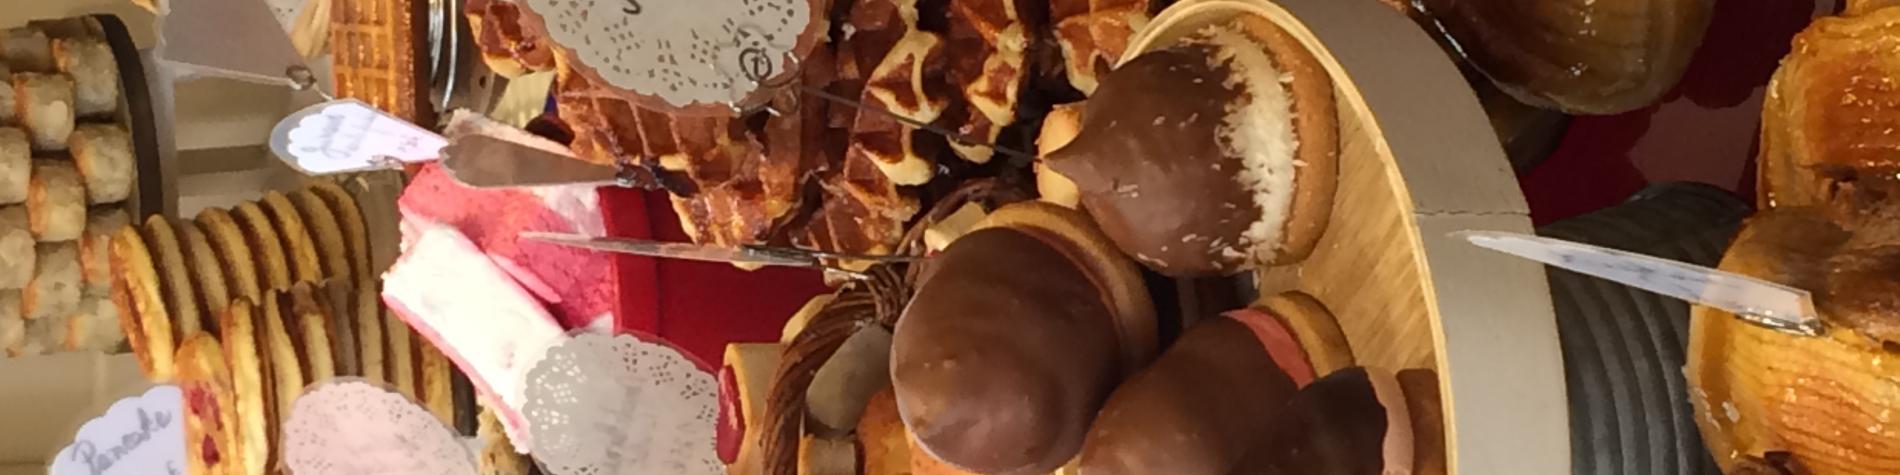 Une Gaufrette Saperlipopette - Liège - Jeux urbains et escape room - Discover Belgium